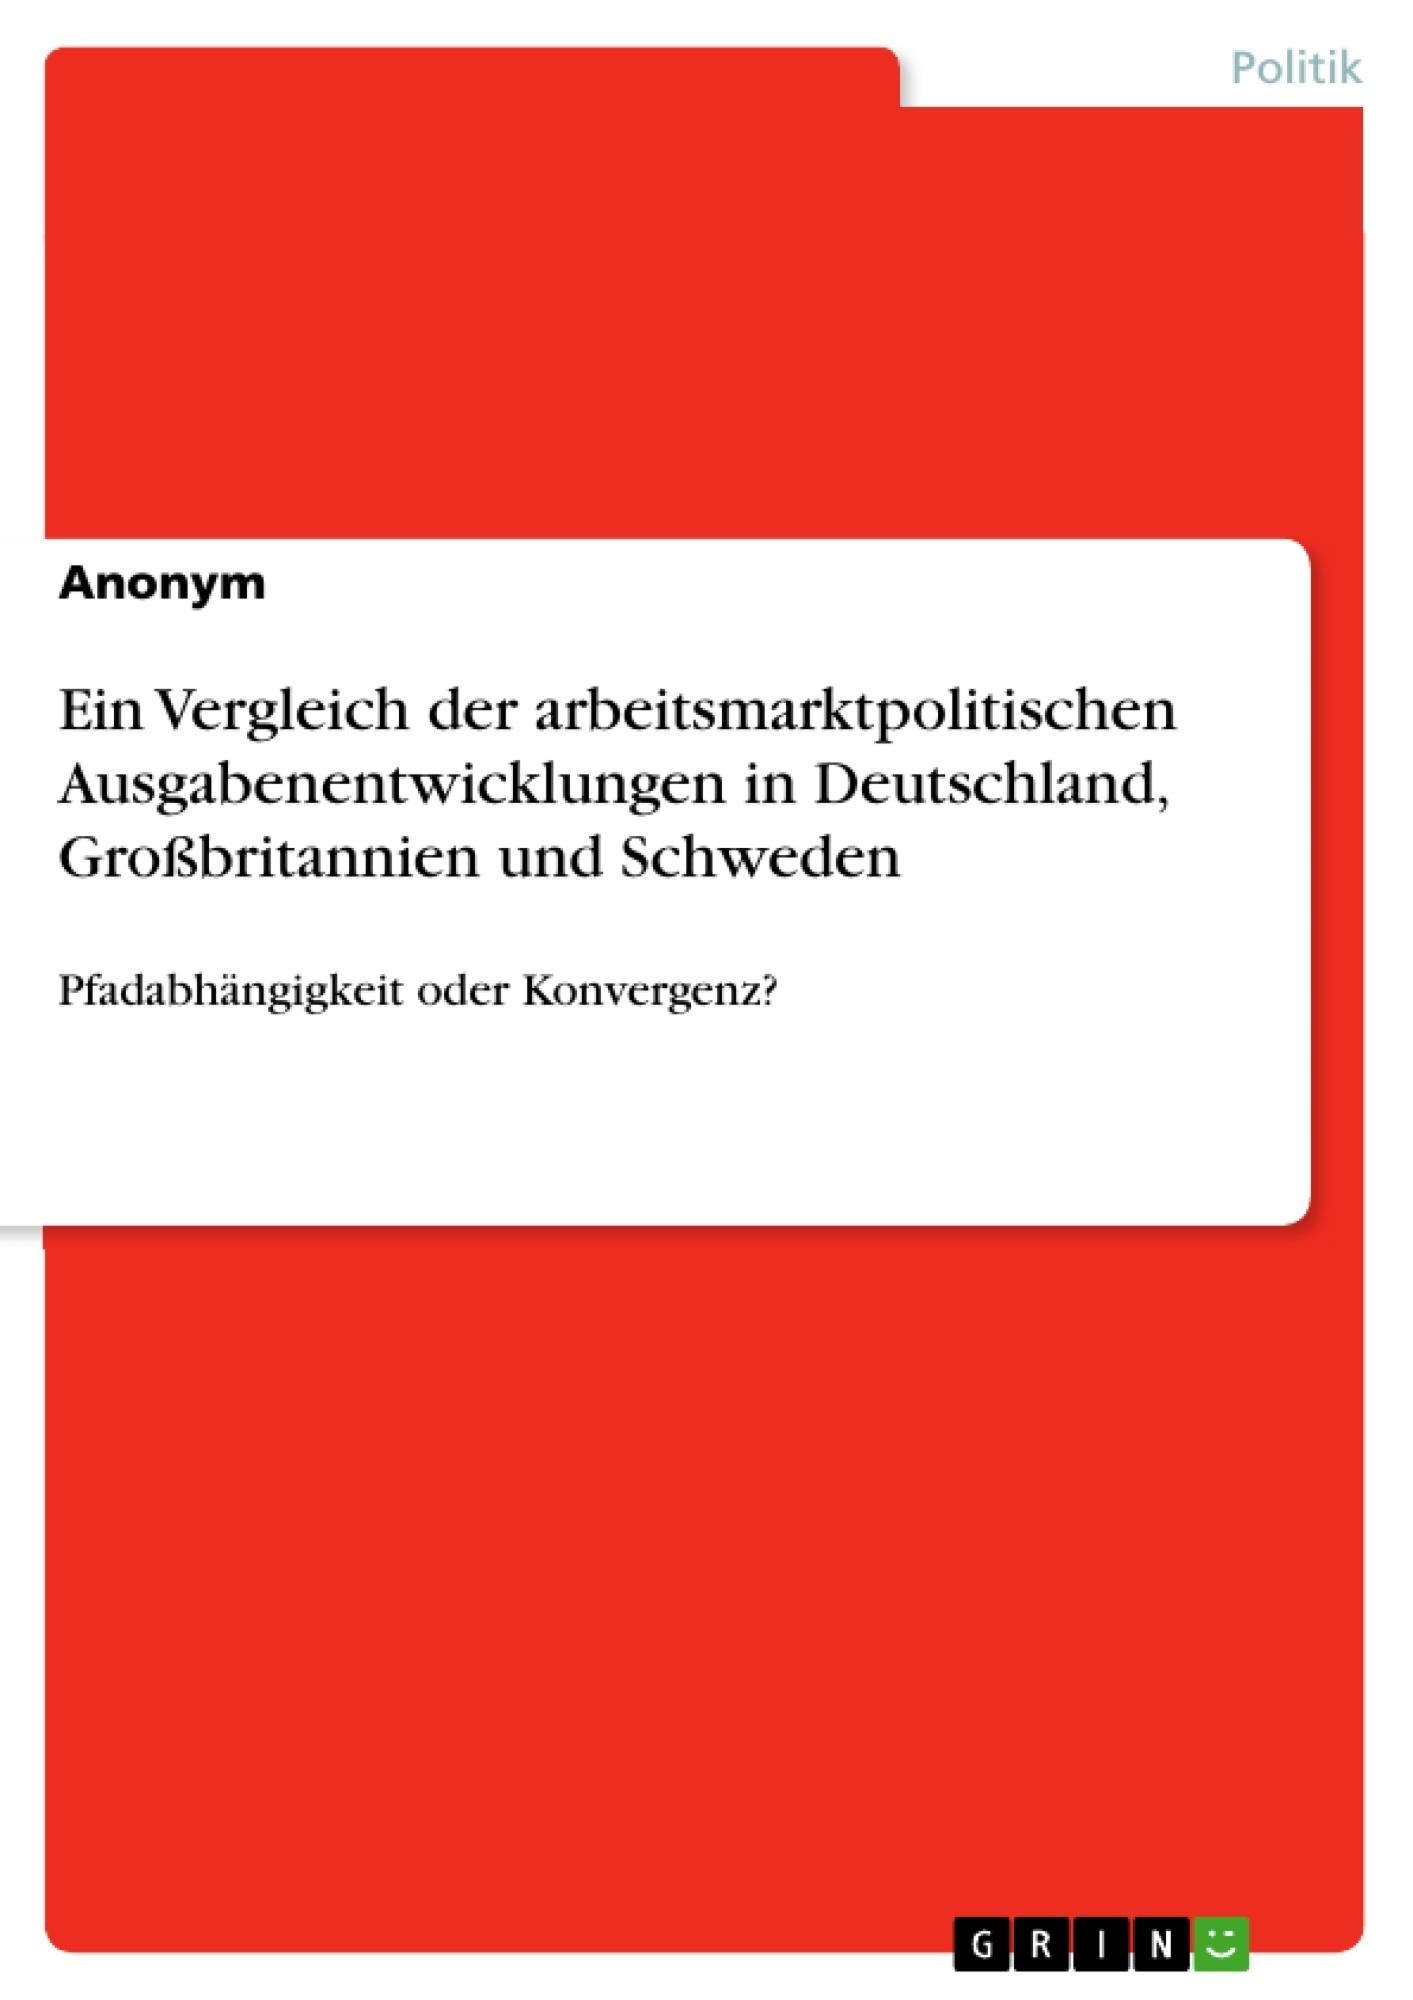 Titel: Ein Vergleich der arbeitsmarktpolitischen Ausgabenentwicklungen in Deutschland, Großbritannien und Schweden